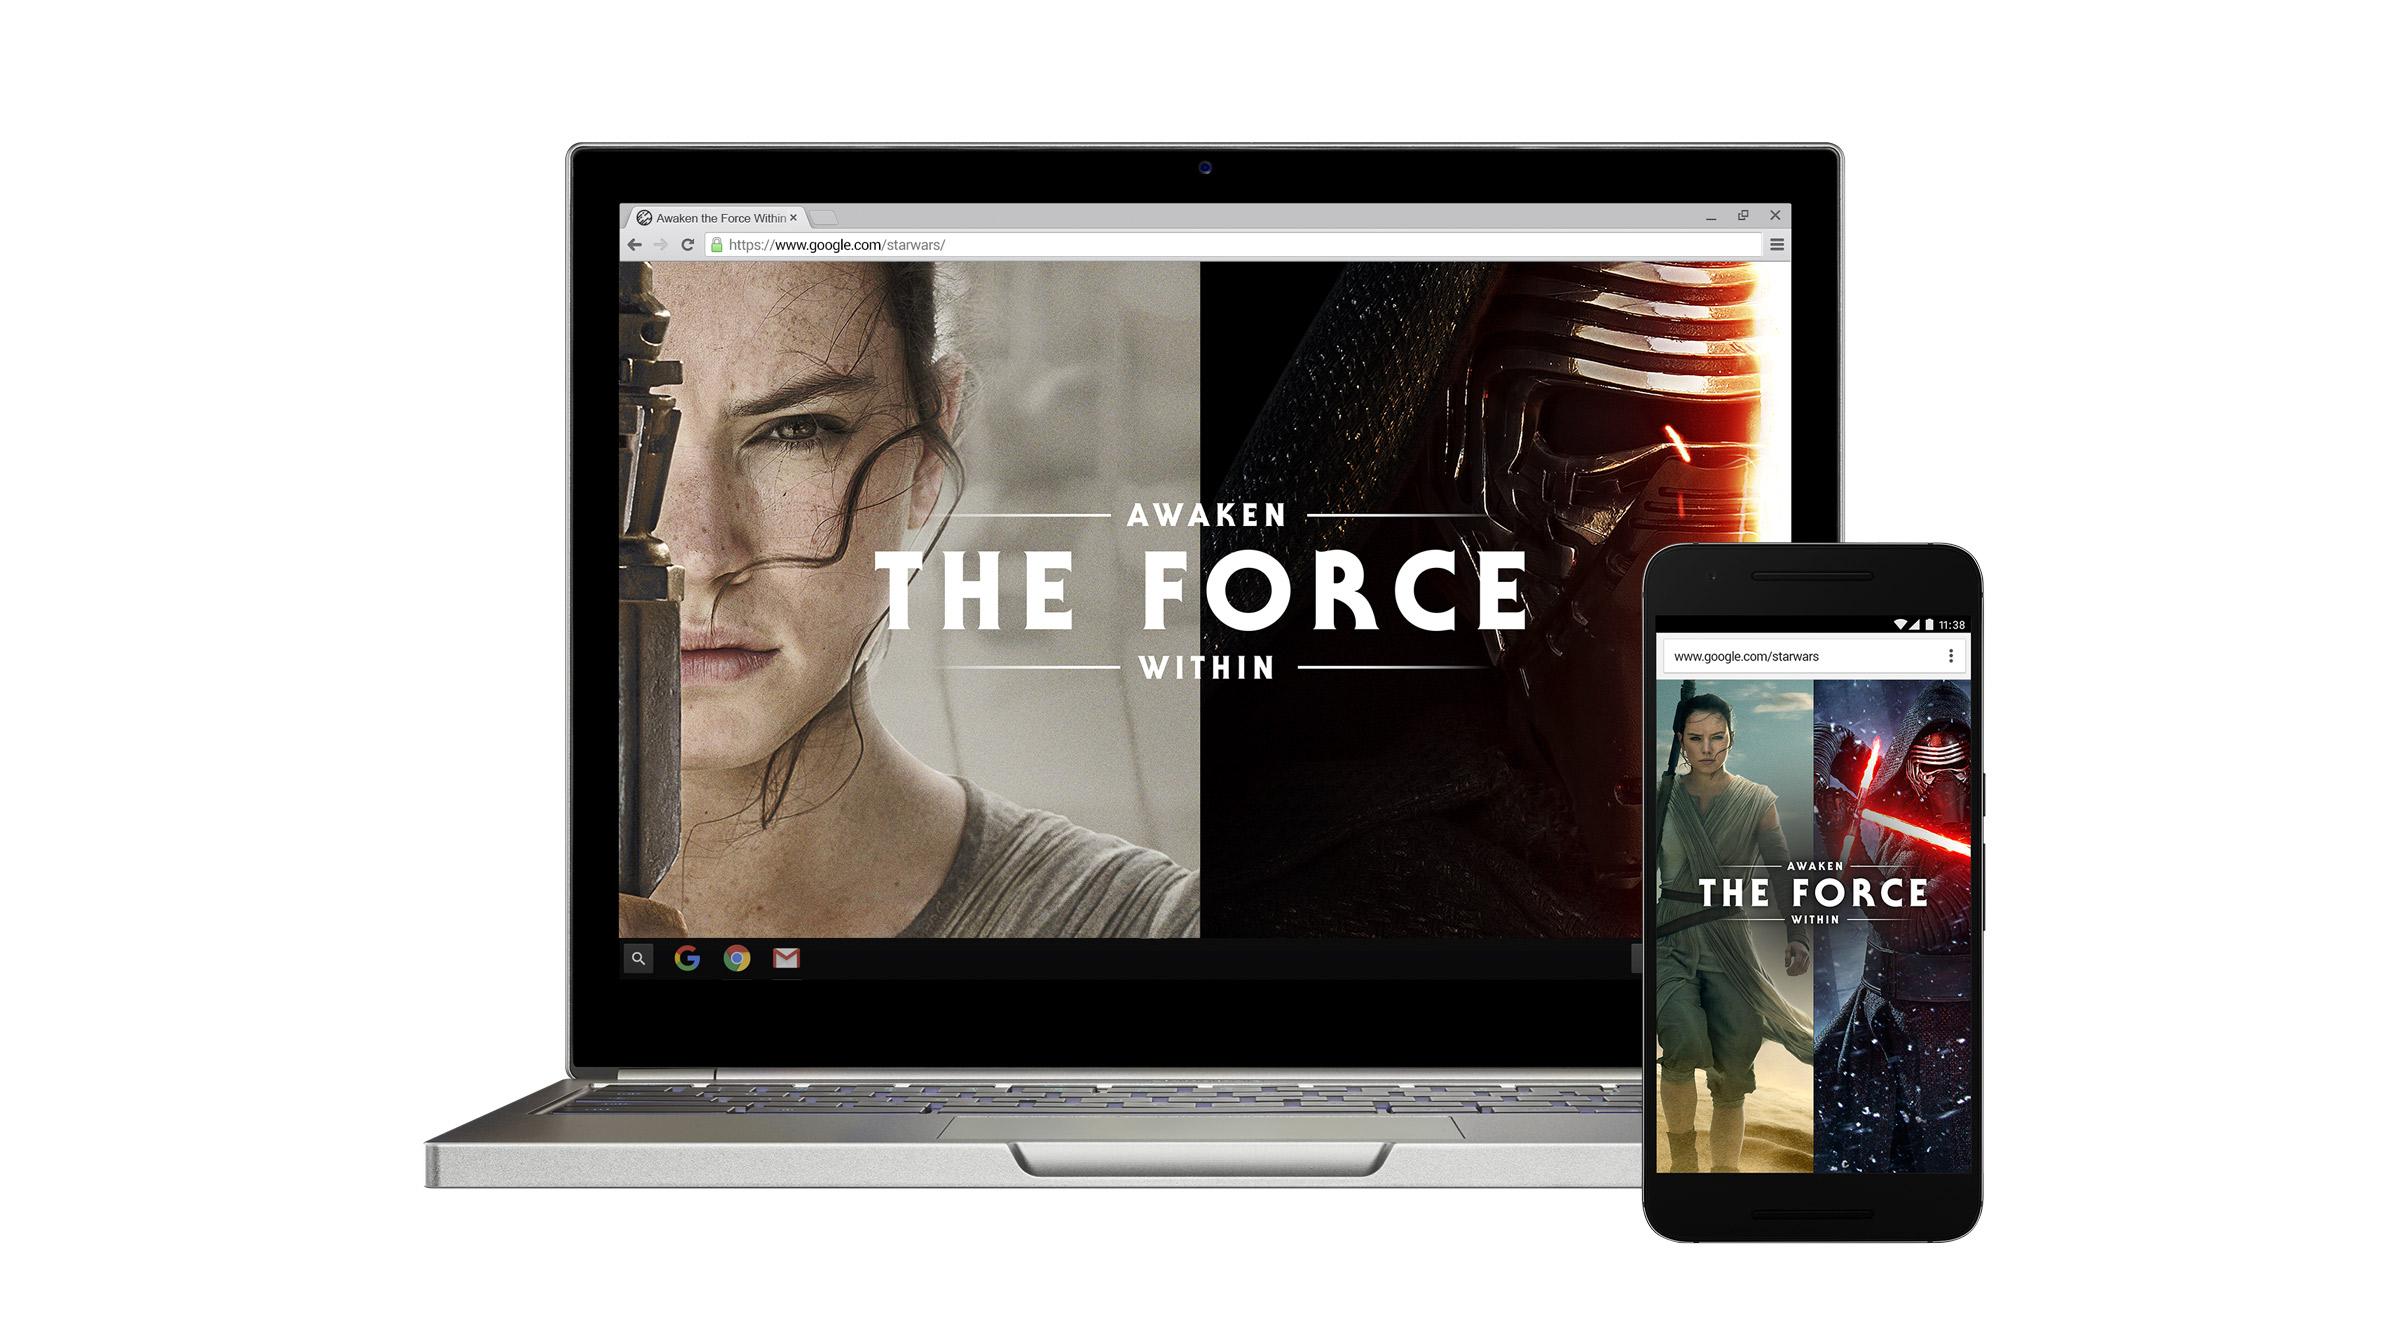 awaken-the-force